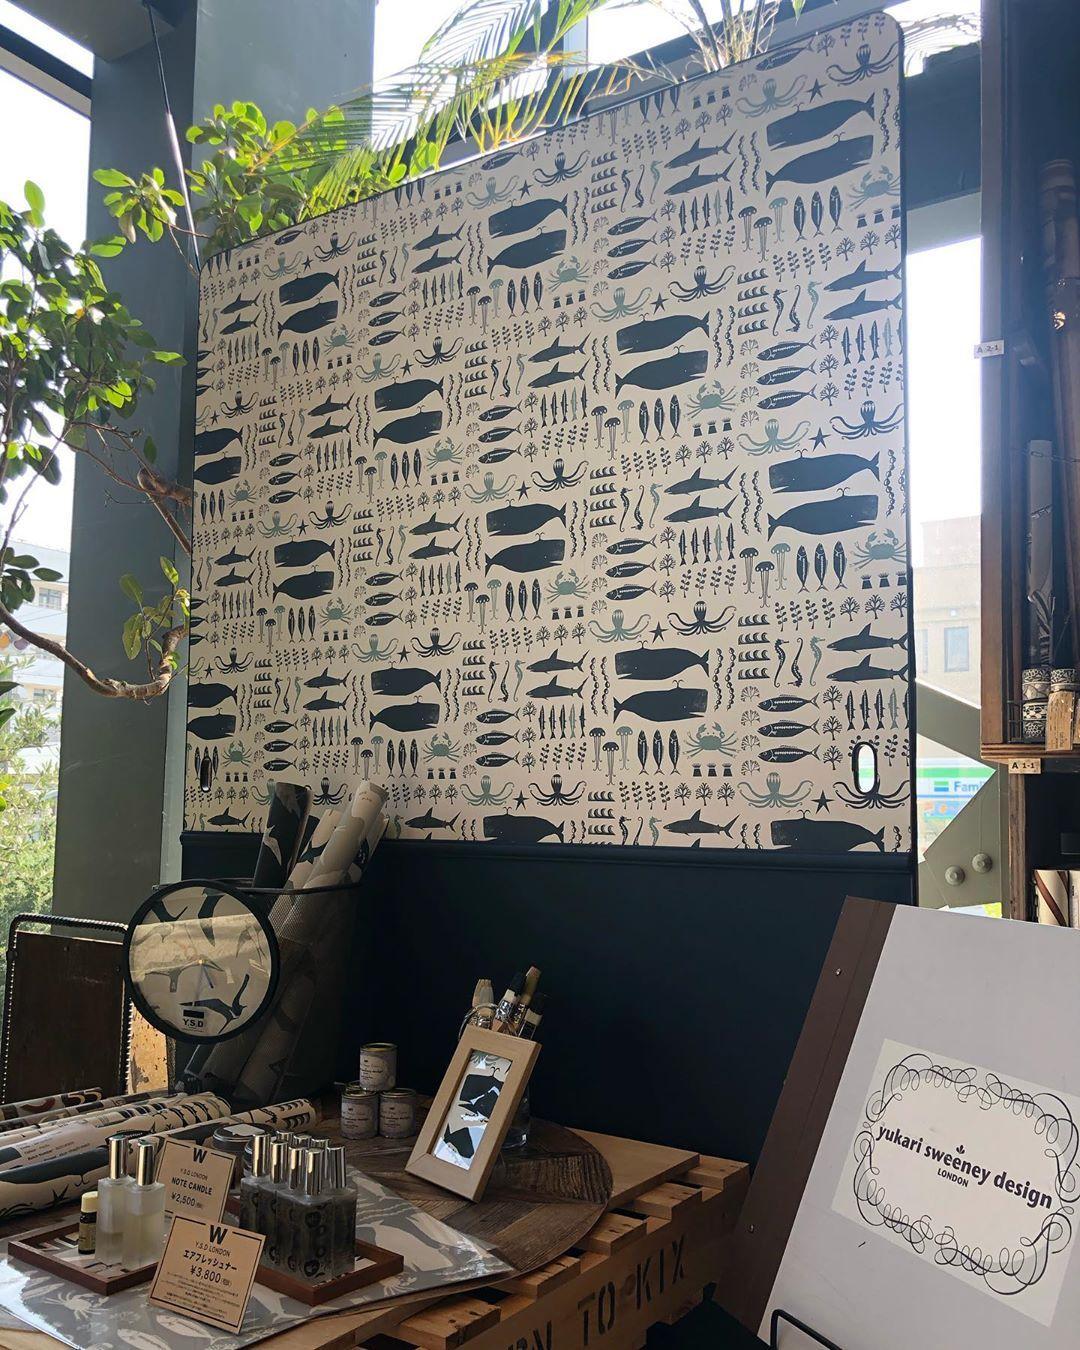 Walpa On Instagram Ysd London In Wallpaper Museum Walpa Osaka 海の中の生き物たちがたくさん つぶらな瞳のくじらや タトゥーの入ったカニが楽しい壁紙 Swimming In The Seaがお出迎えします くじら 海の中 壁紙